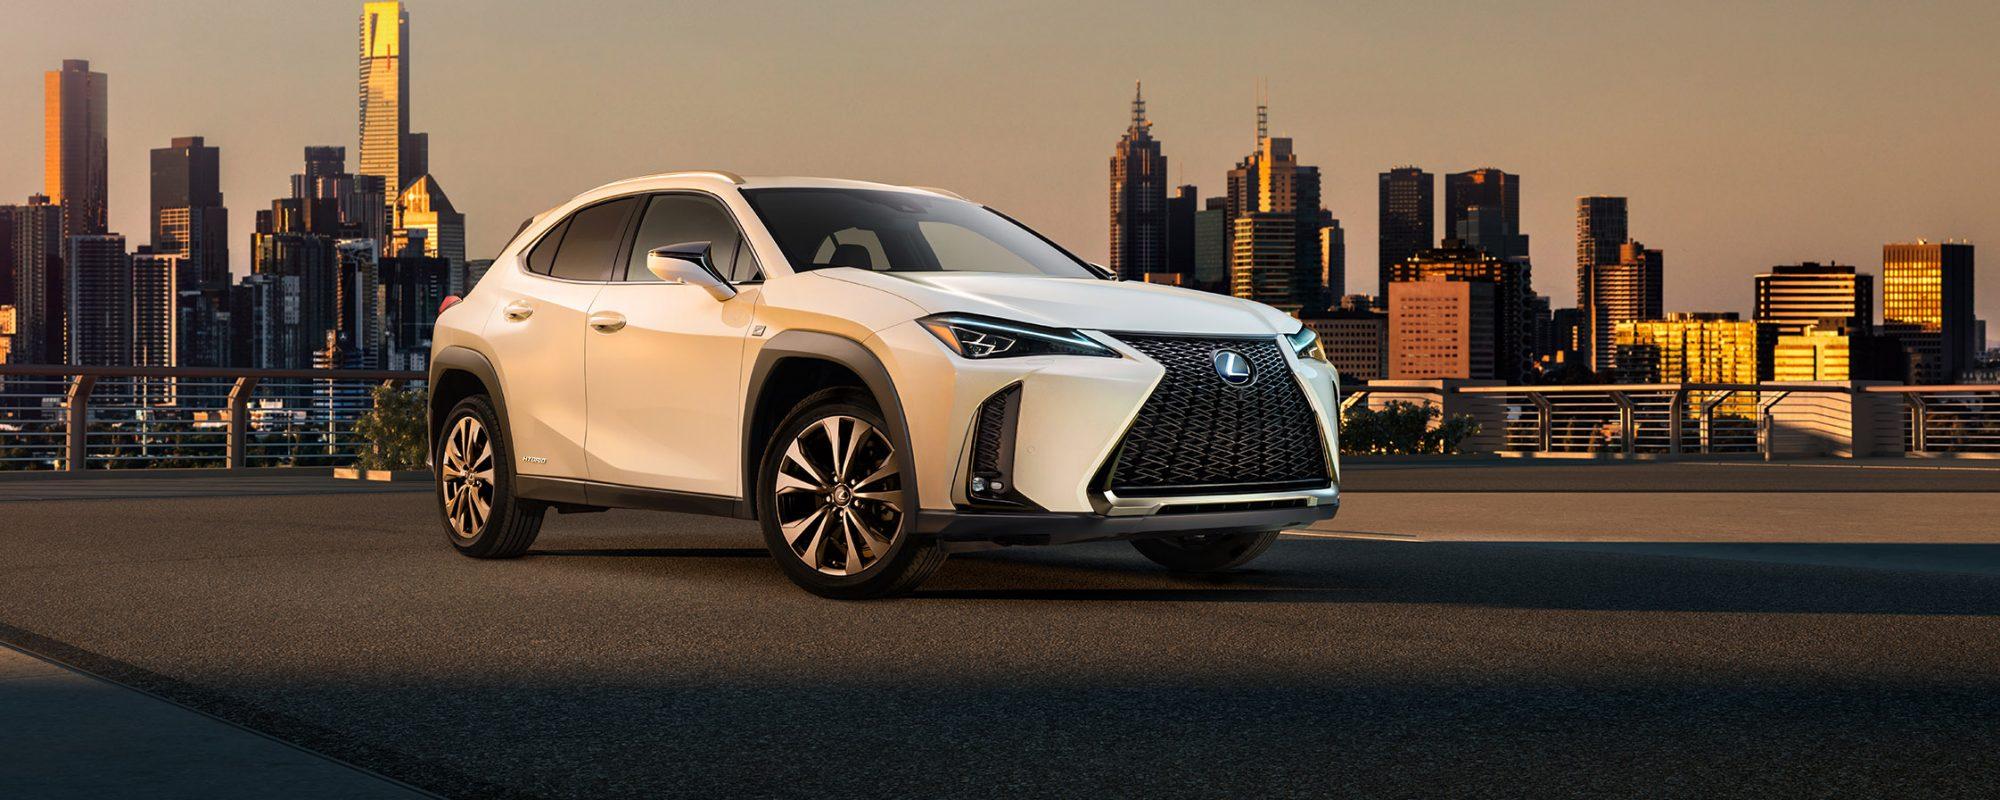 Eerste officiële beelden Lexus UX